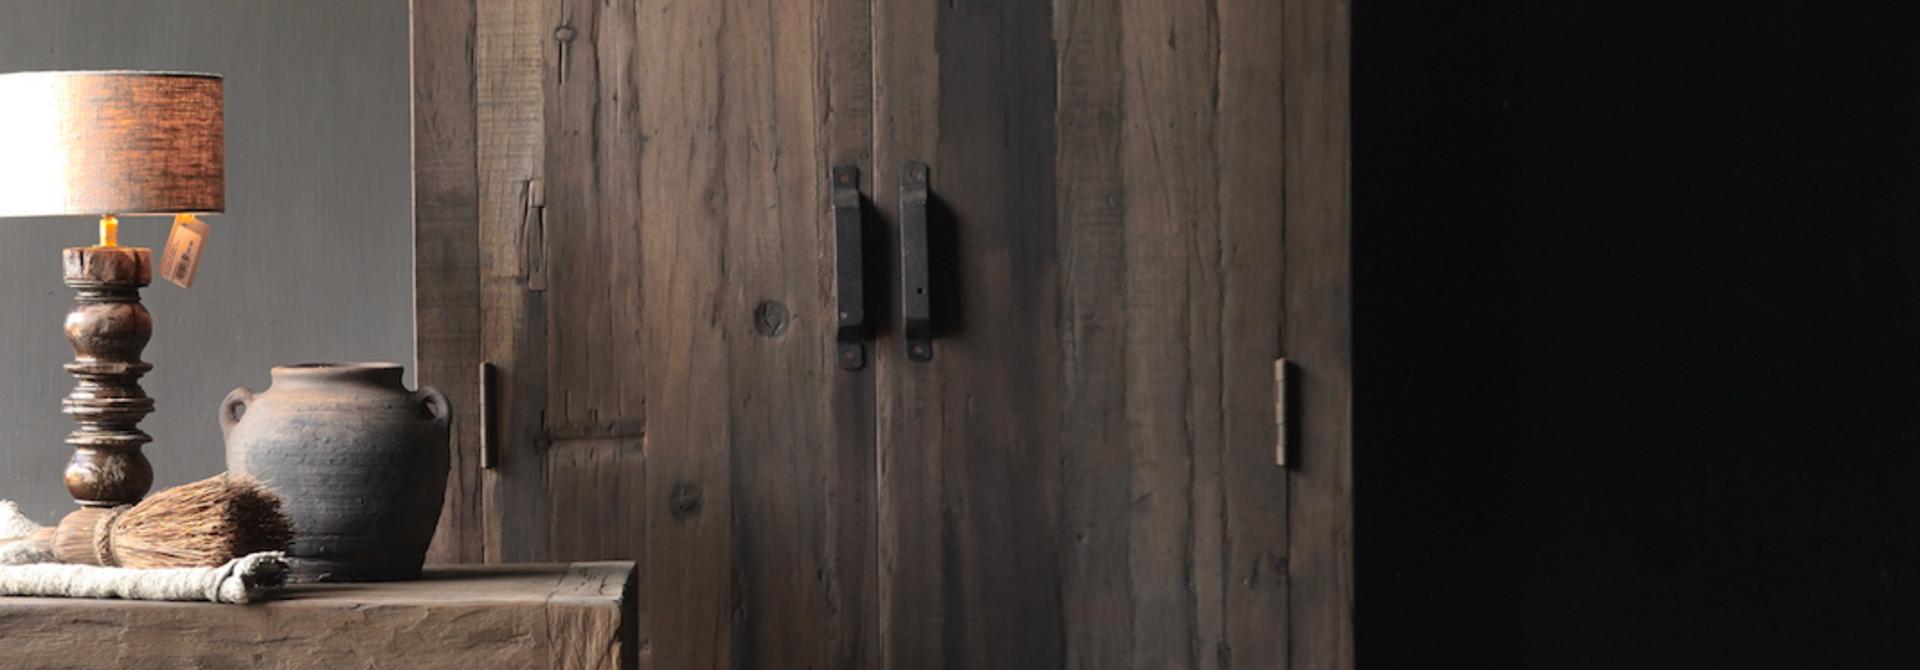 Robuster ländlicher alter zweitüriger Holzschrank